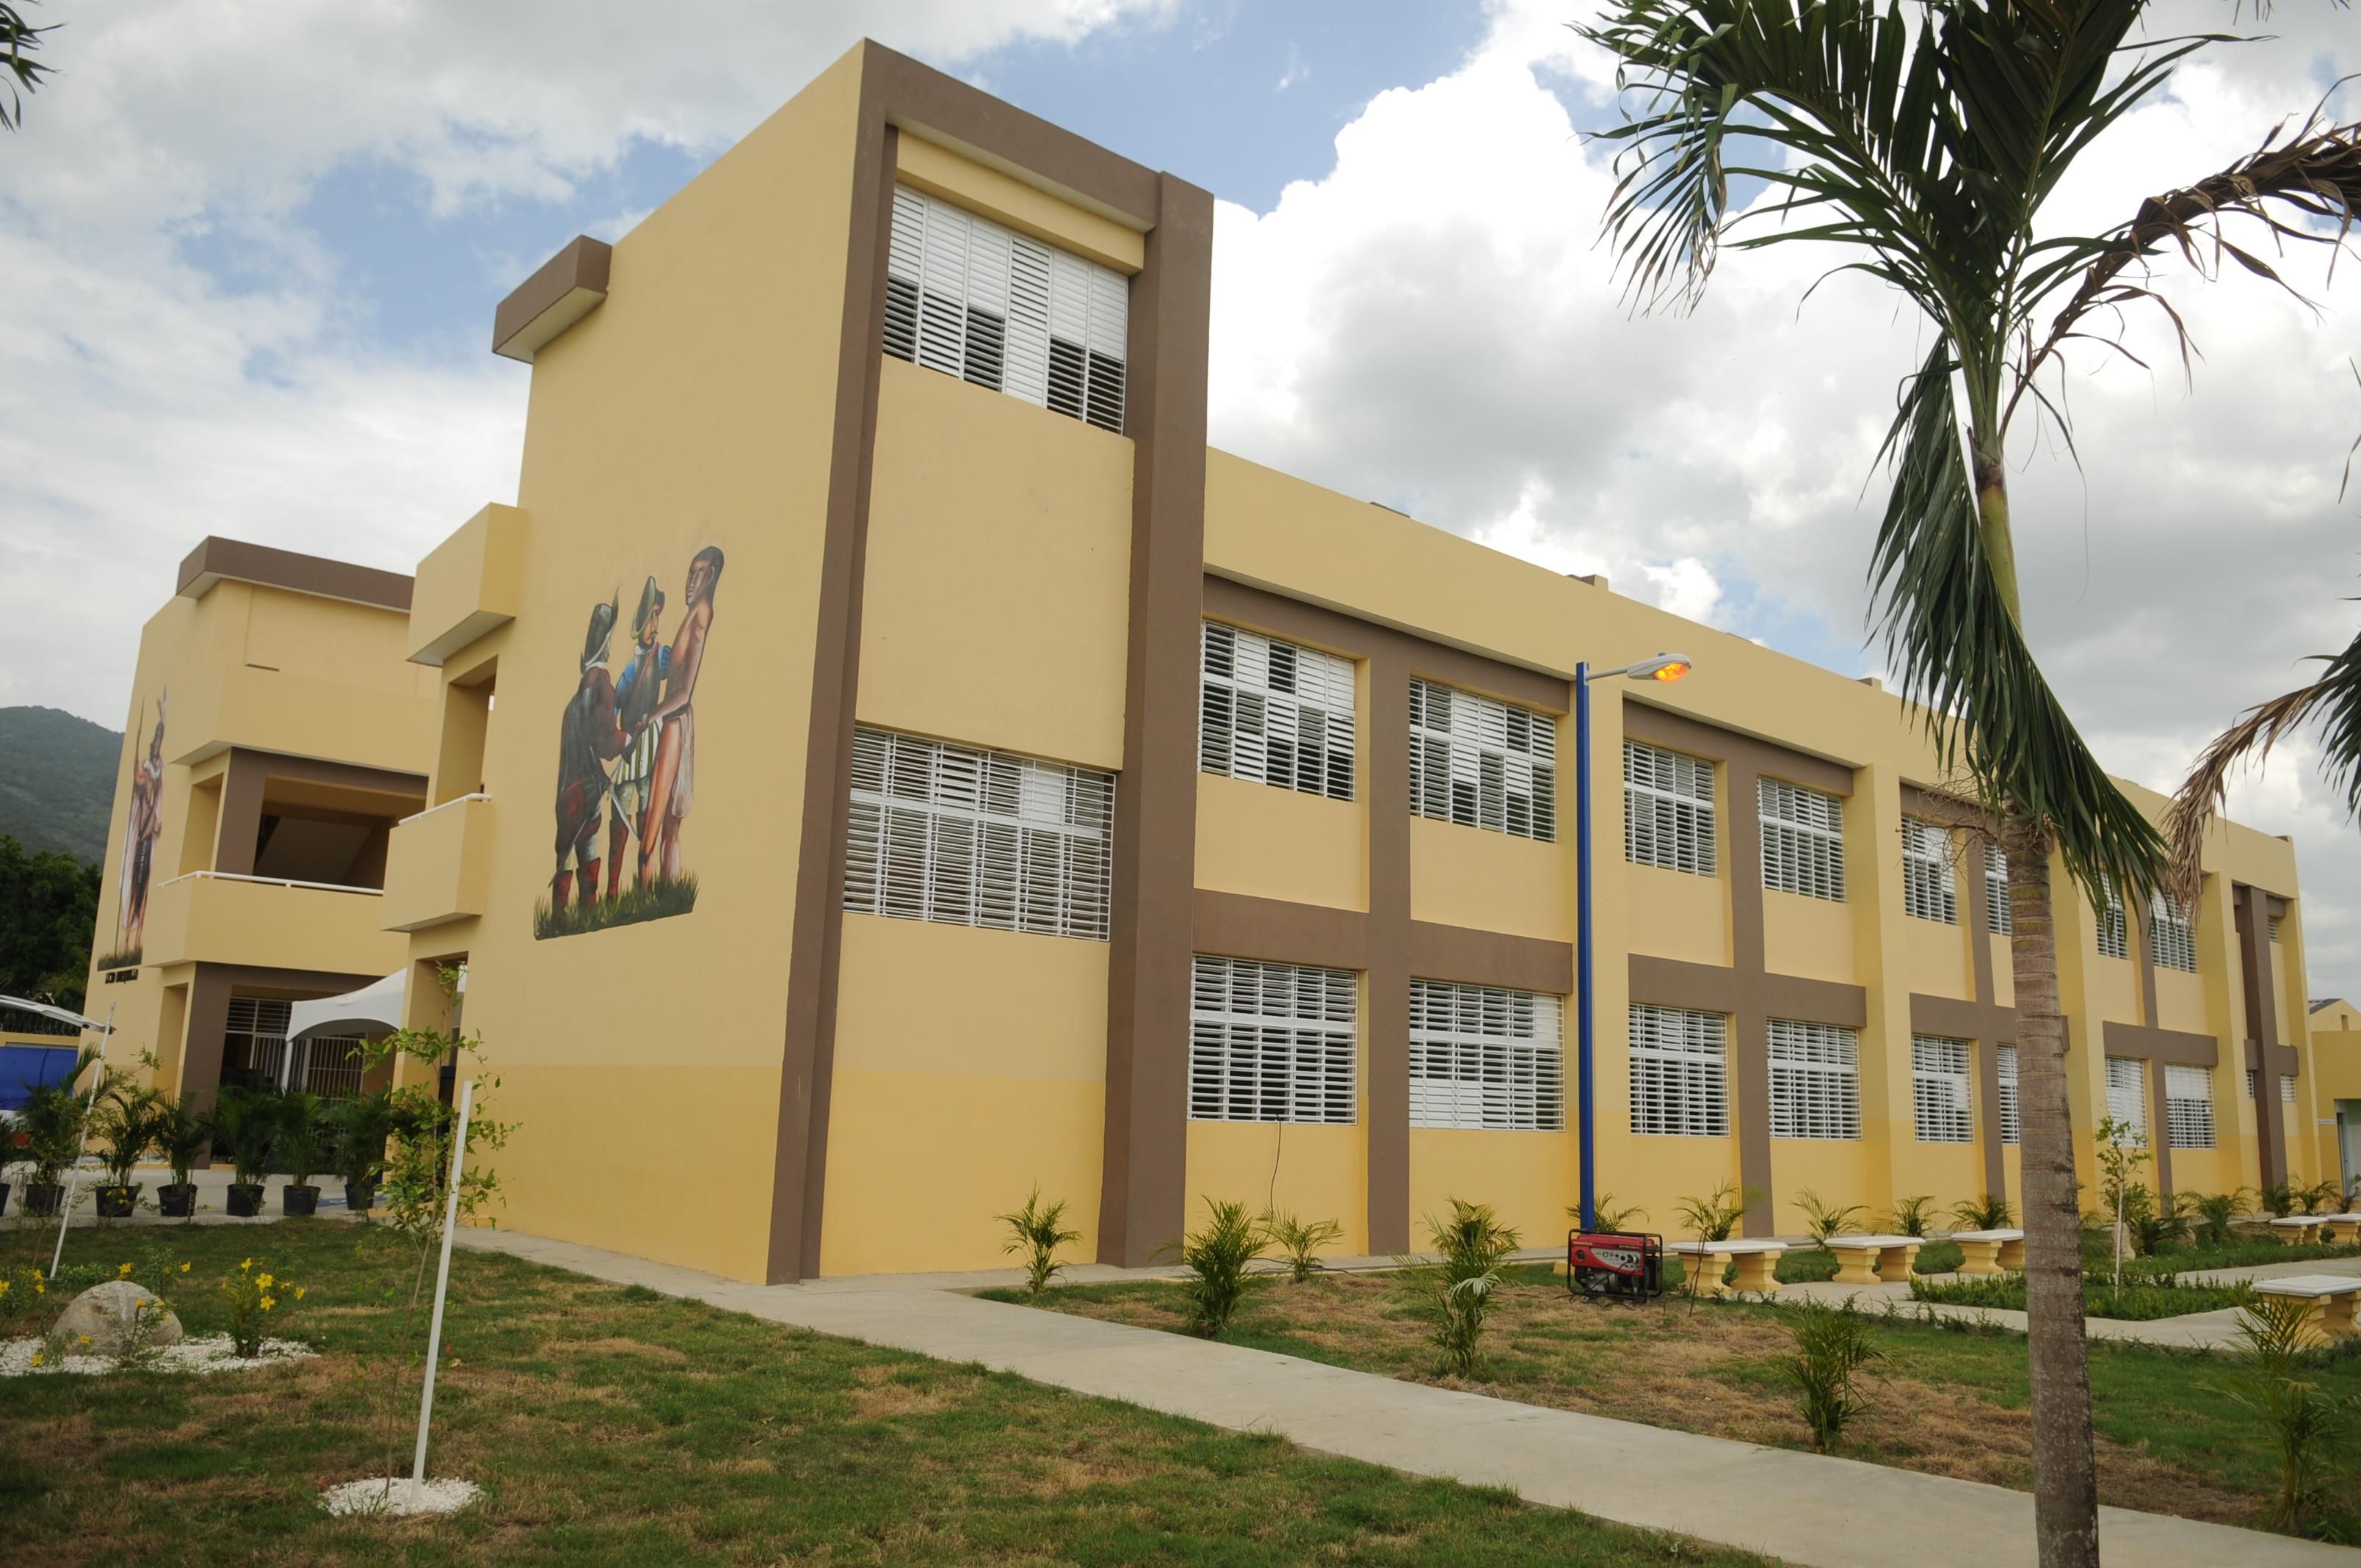 Medina inaugura tres escuelas y una estancia infantil en Valverde